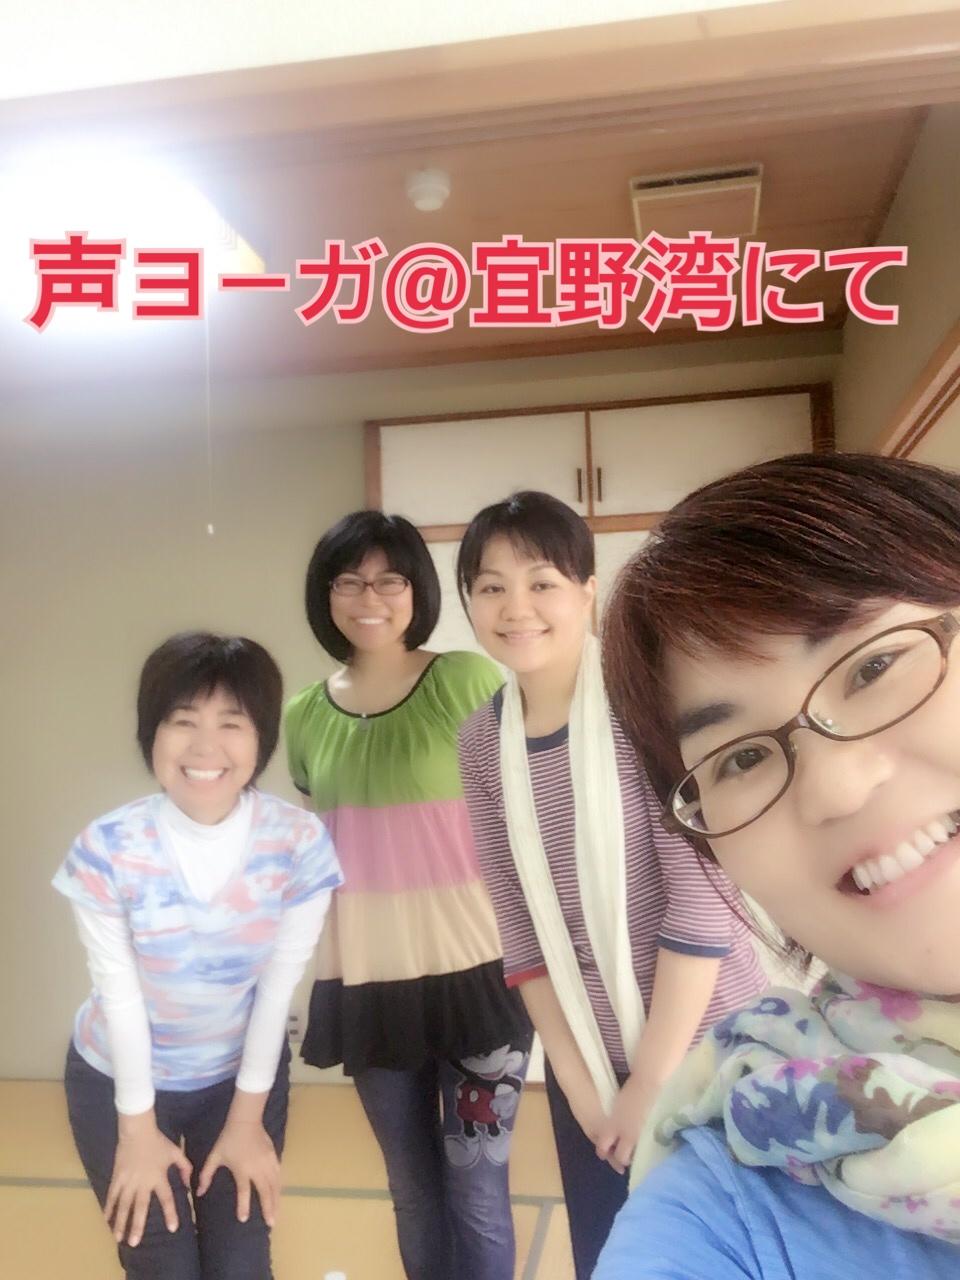 声ヨーガ、宜野湾セミナーハウス、沖縄県、更年期、腰痛、頭痛、自律神経